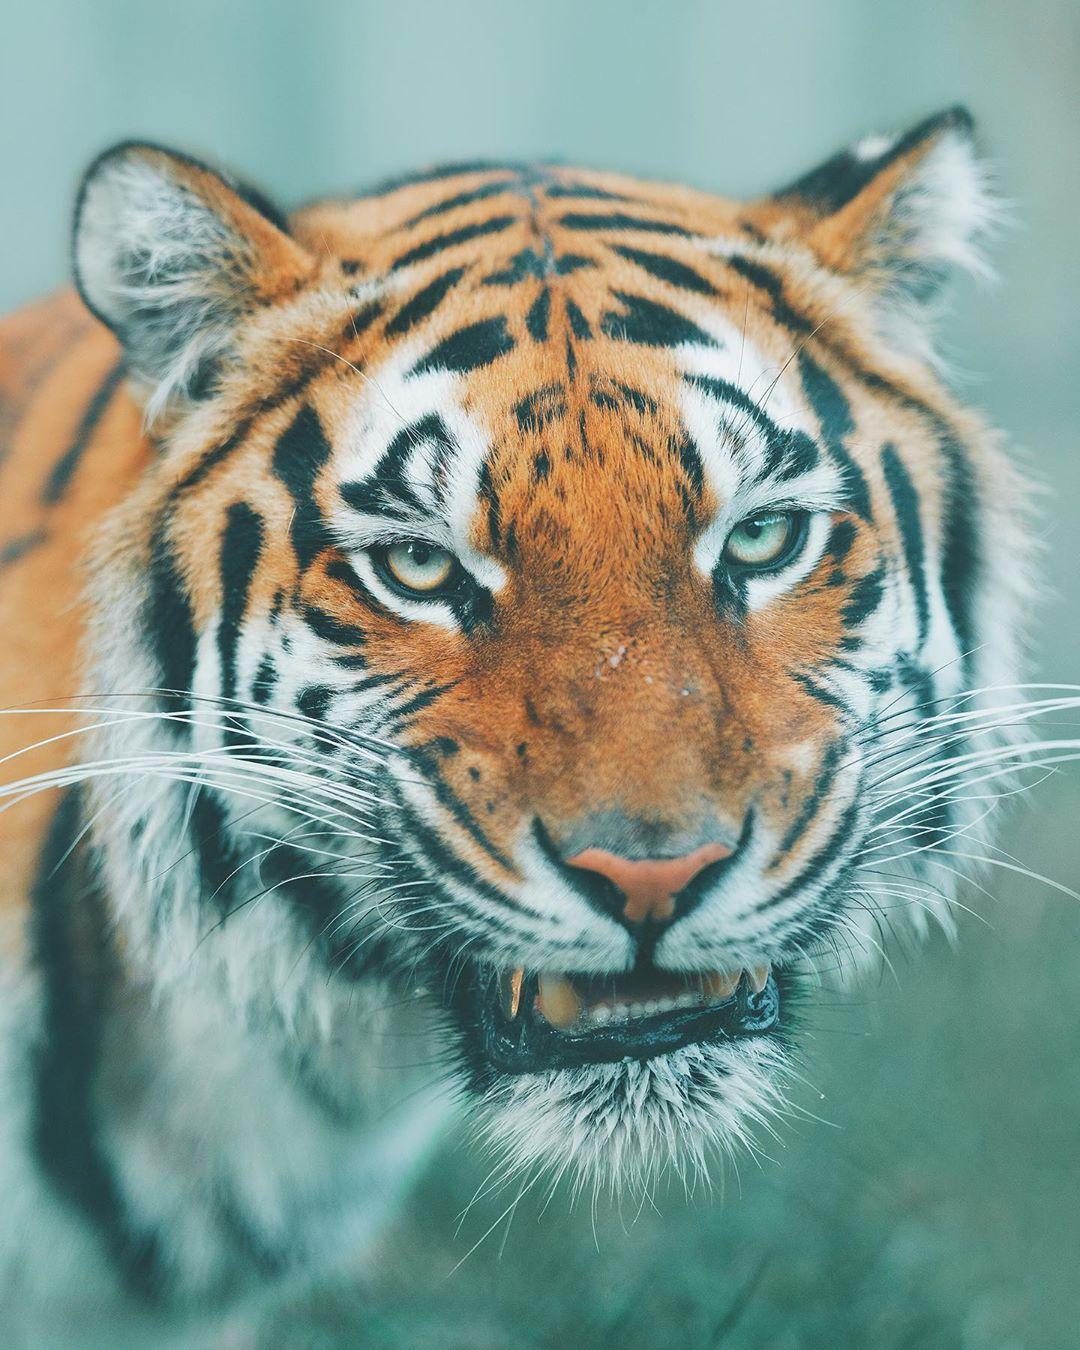 Фотографии дикой природы и животных от Шарли Савели